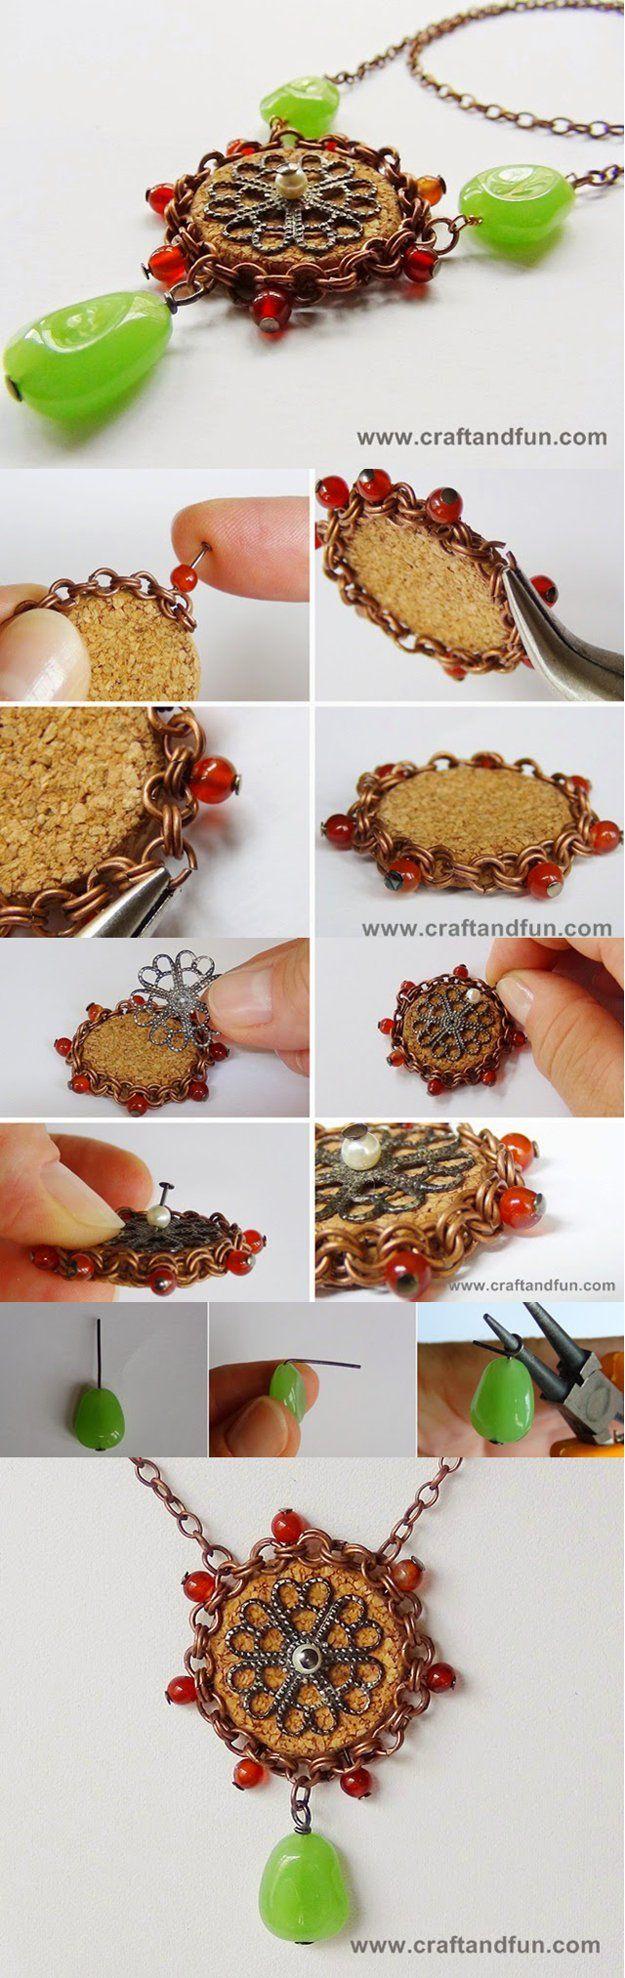 Joyas e Ideas de regalos de artesanía del corcho del vino | http://artesaniasdebricolaje.ru/more-wine-cork-crafts-ideas/